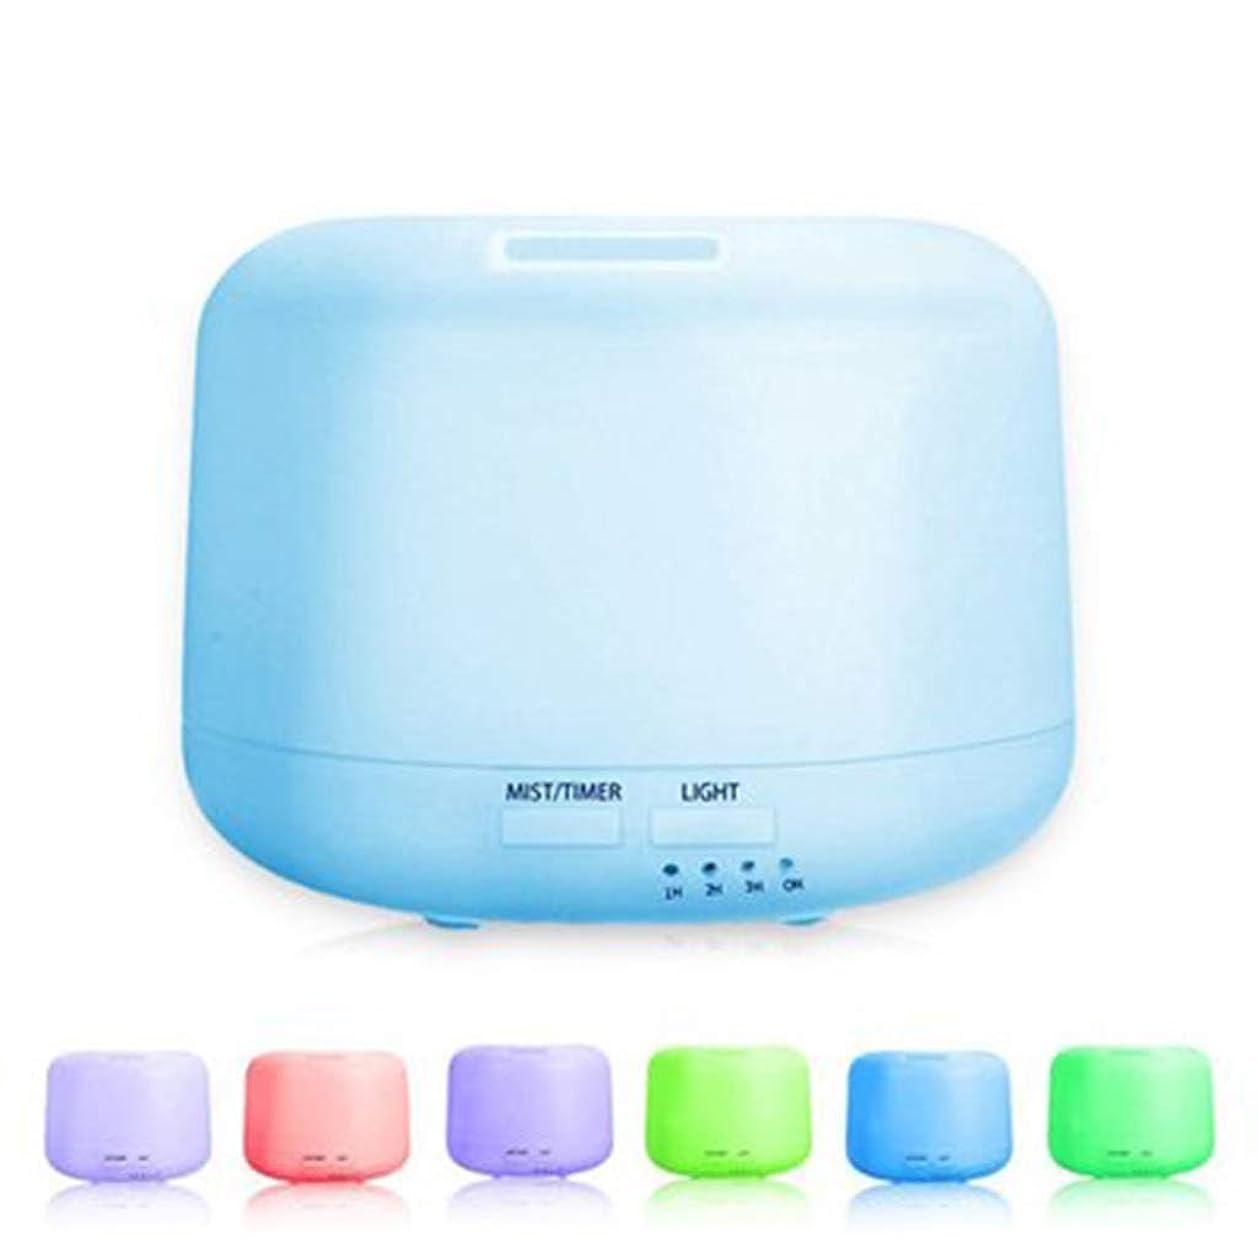 タイル思想傷つける300ml拡散器の涼しい霧の加湿器の4つのタイマーおよび7つのLED色の変更ライトが付いている水なしの自動遮断 (Color : Colorful)